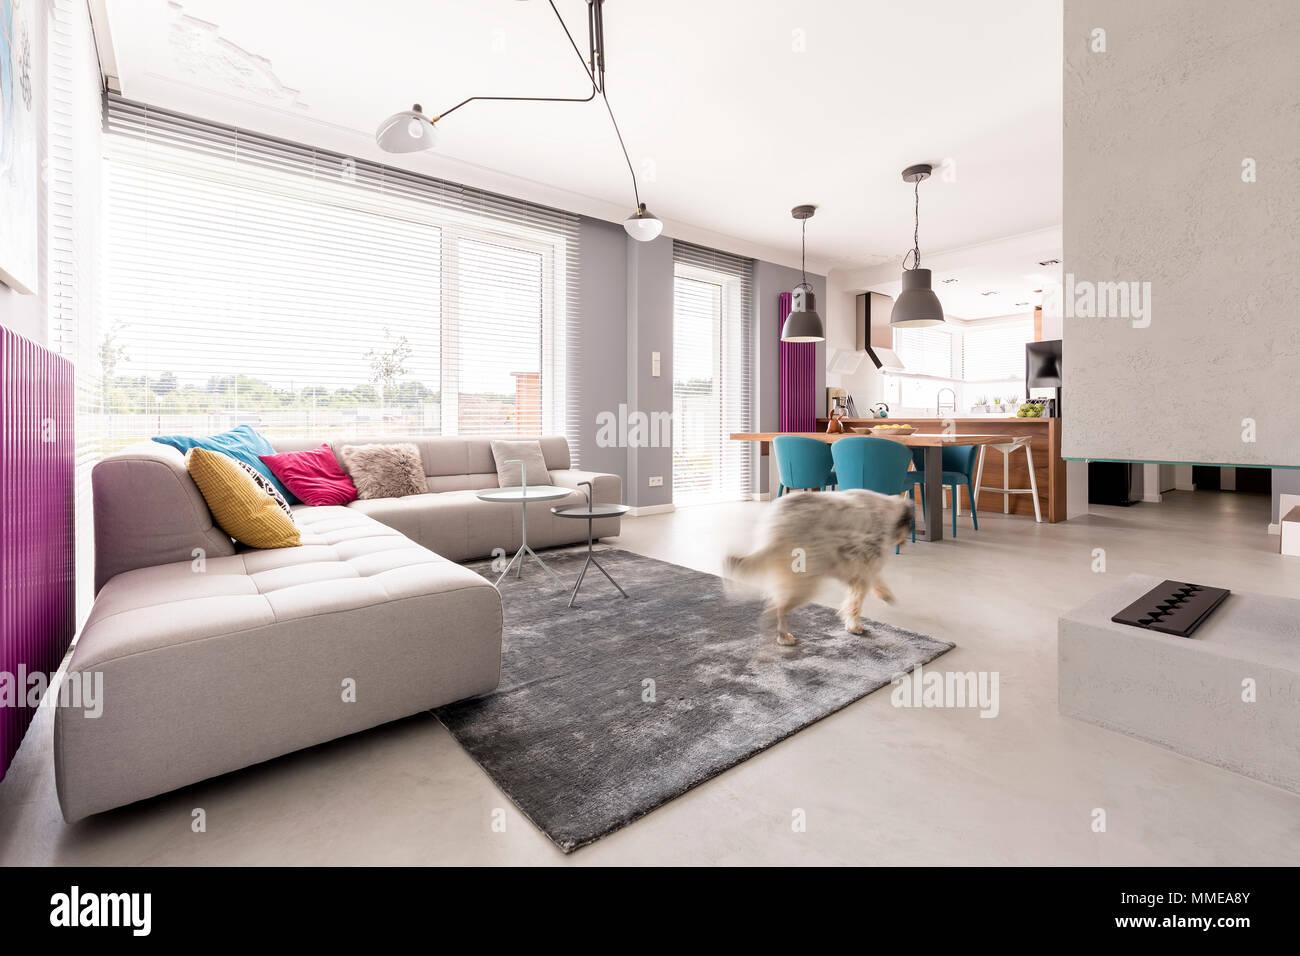 Geraumiges Offen Geschnittenes Modernes Wohnzimmer Interieur Mit